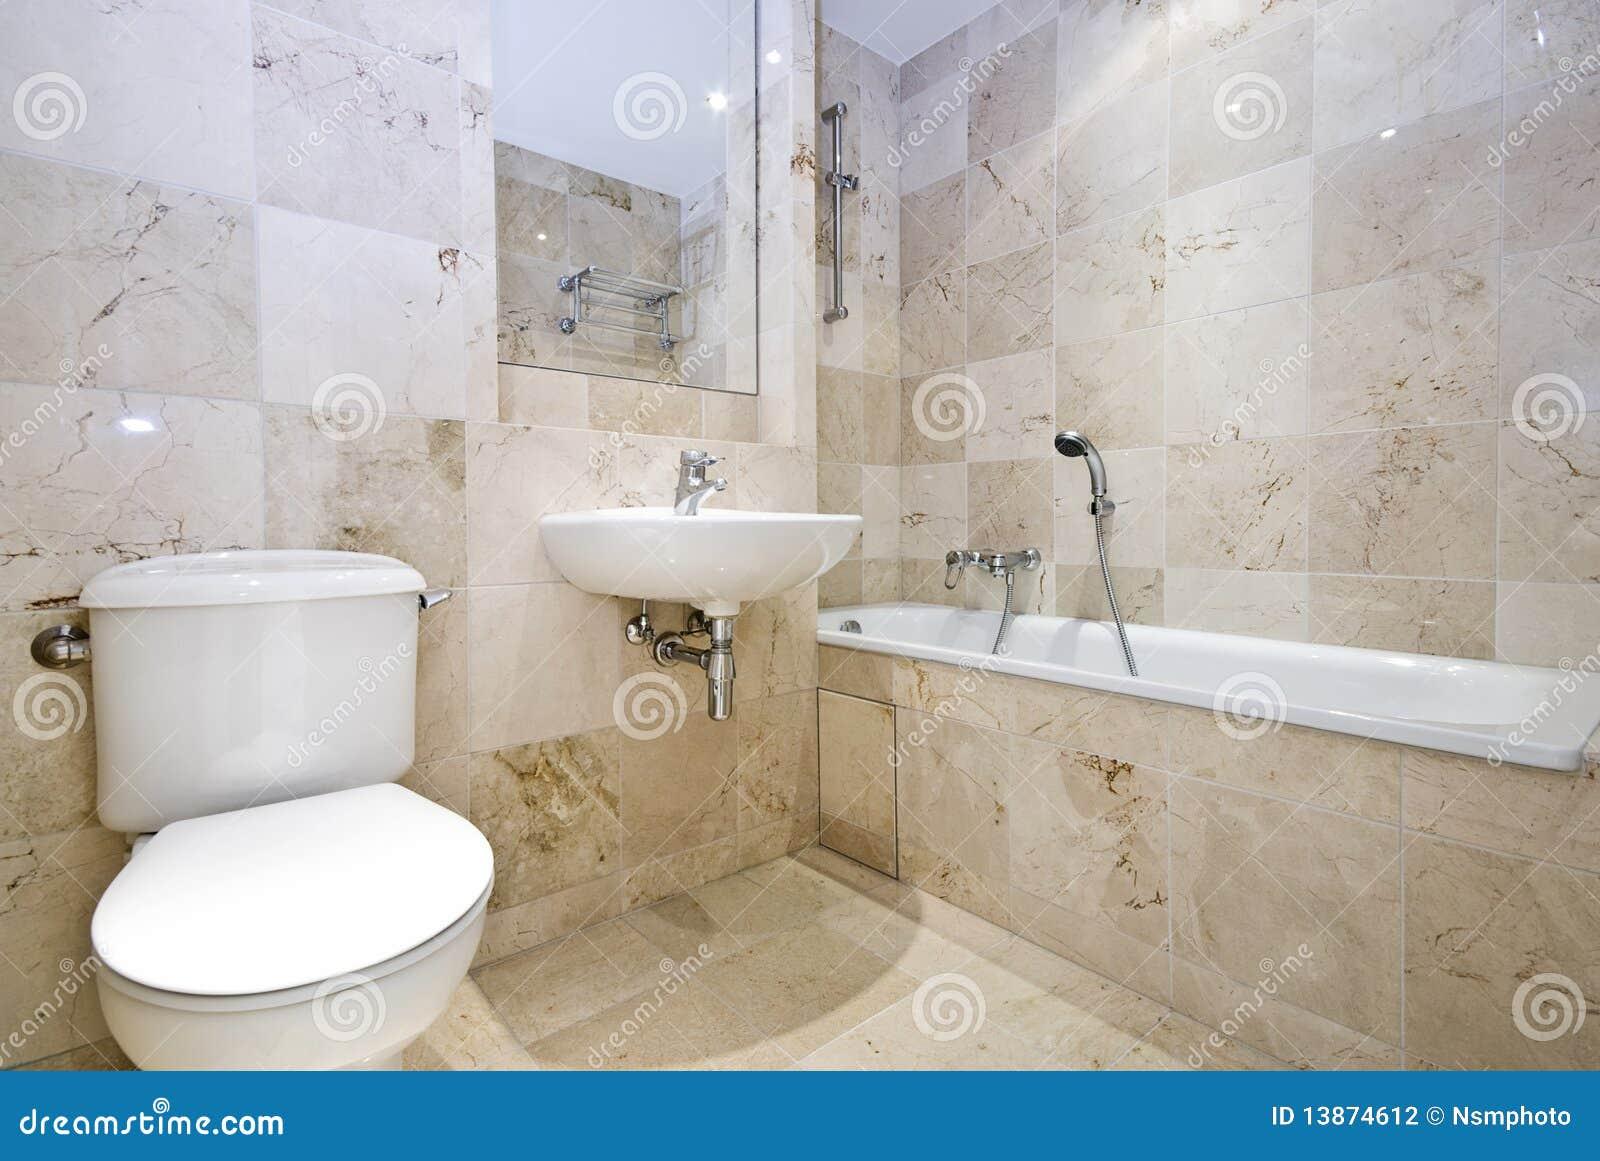 Baños Modernos De Marmol:Cuarto de baño de mármol lujoso con un baño, un lavabo de colada y